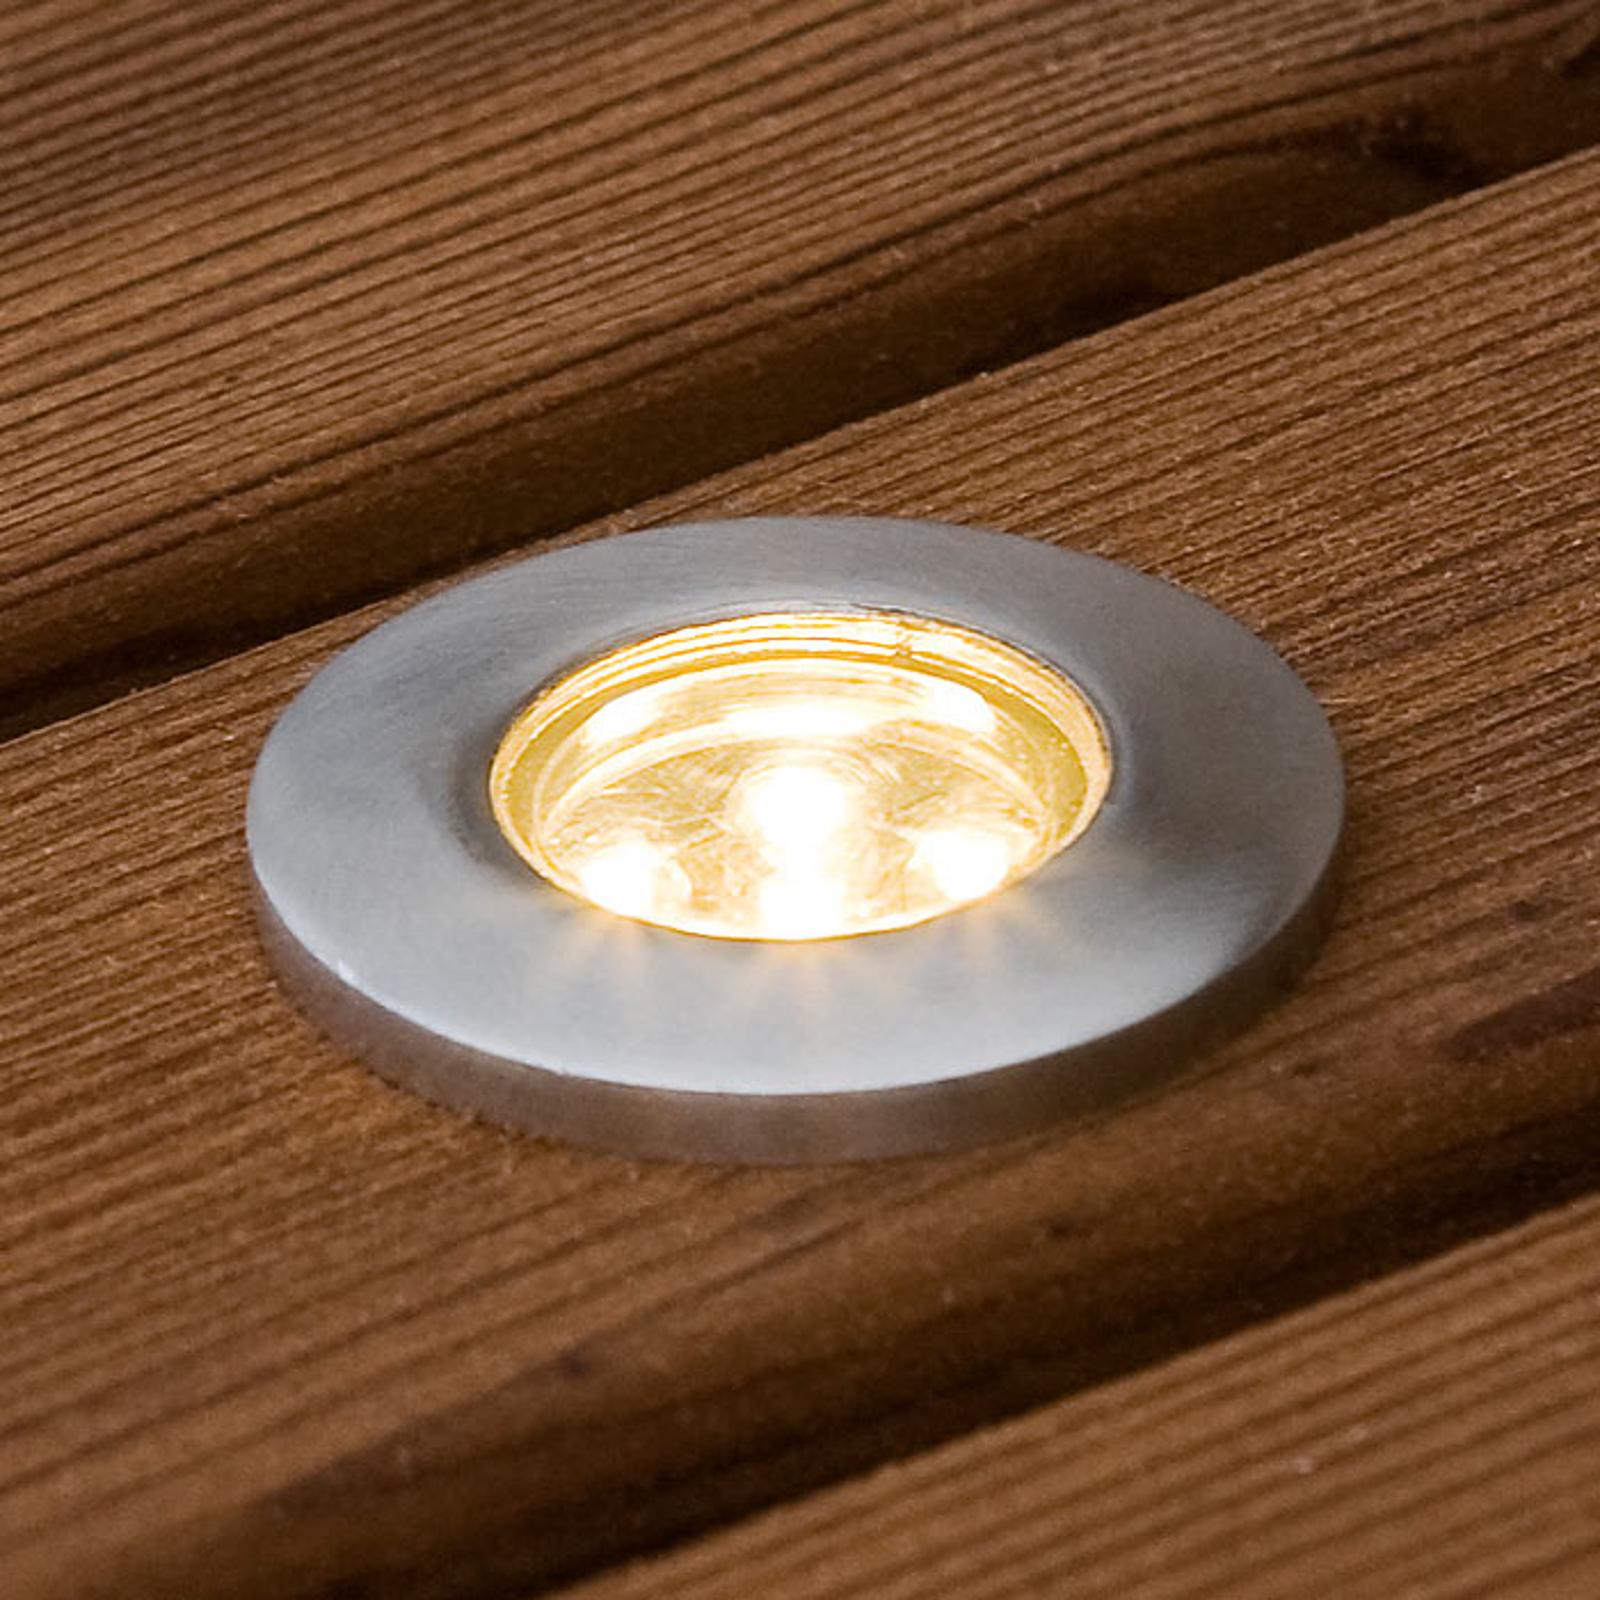 Faretto LED da terra Mini set 6x, piatto